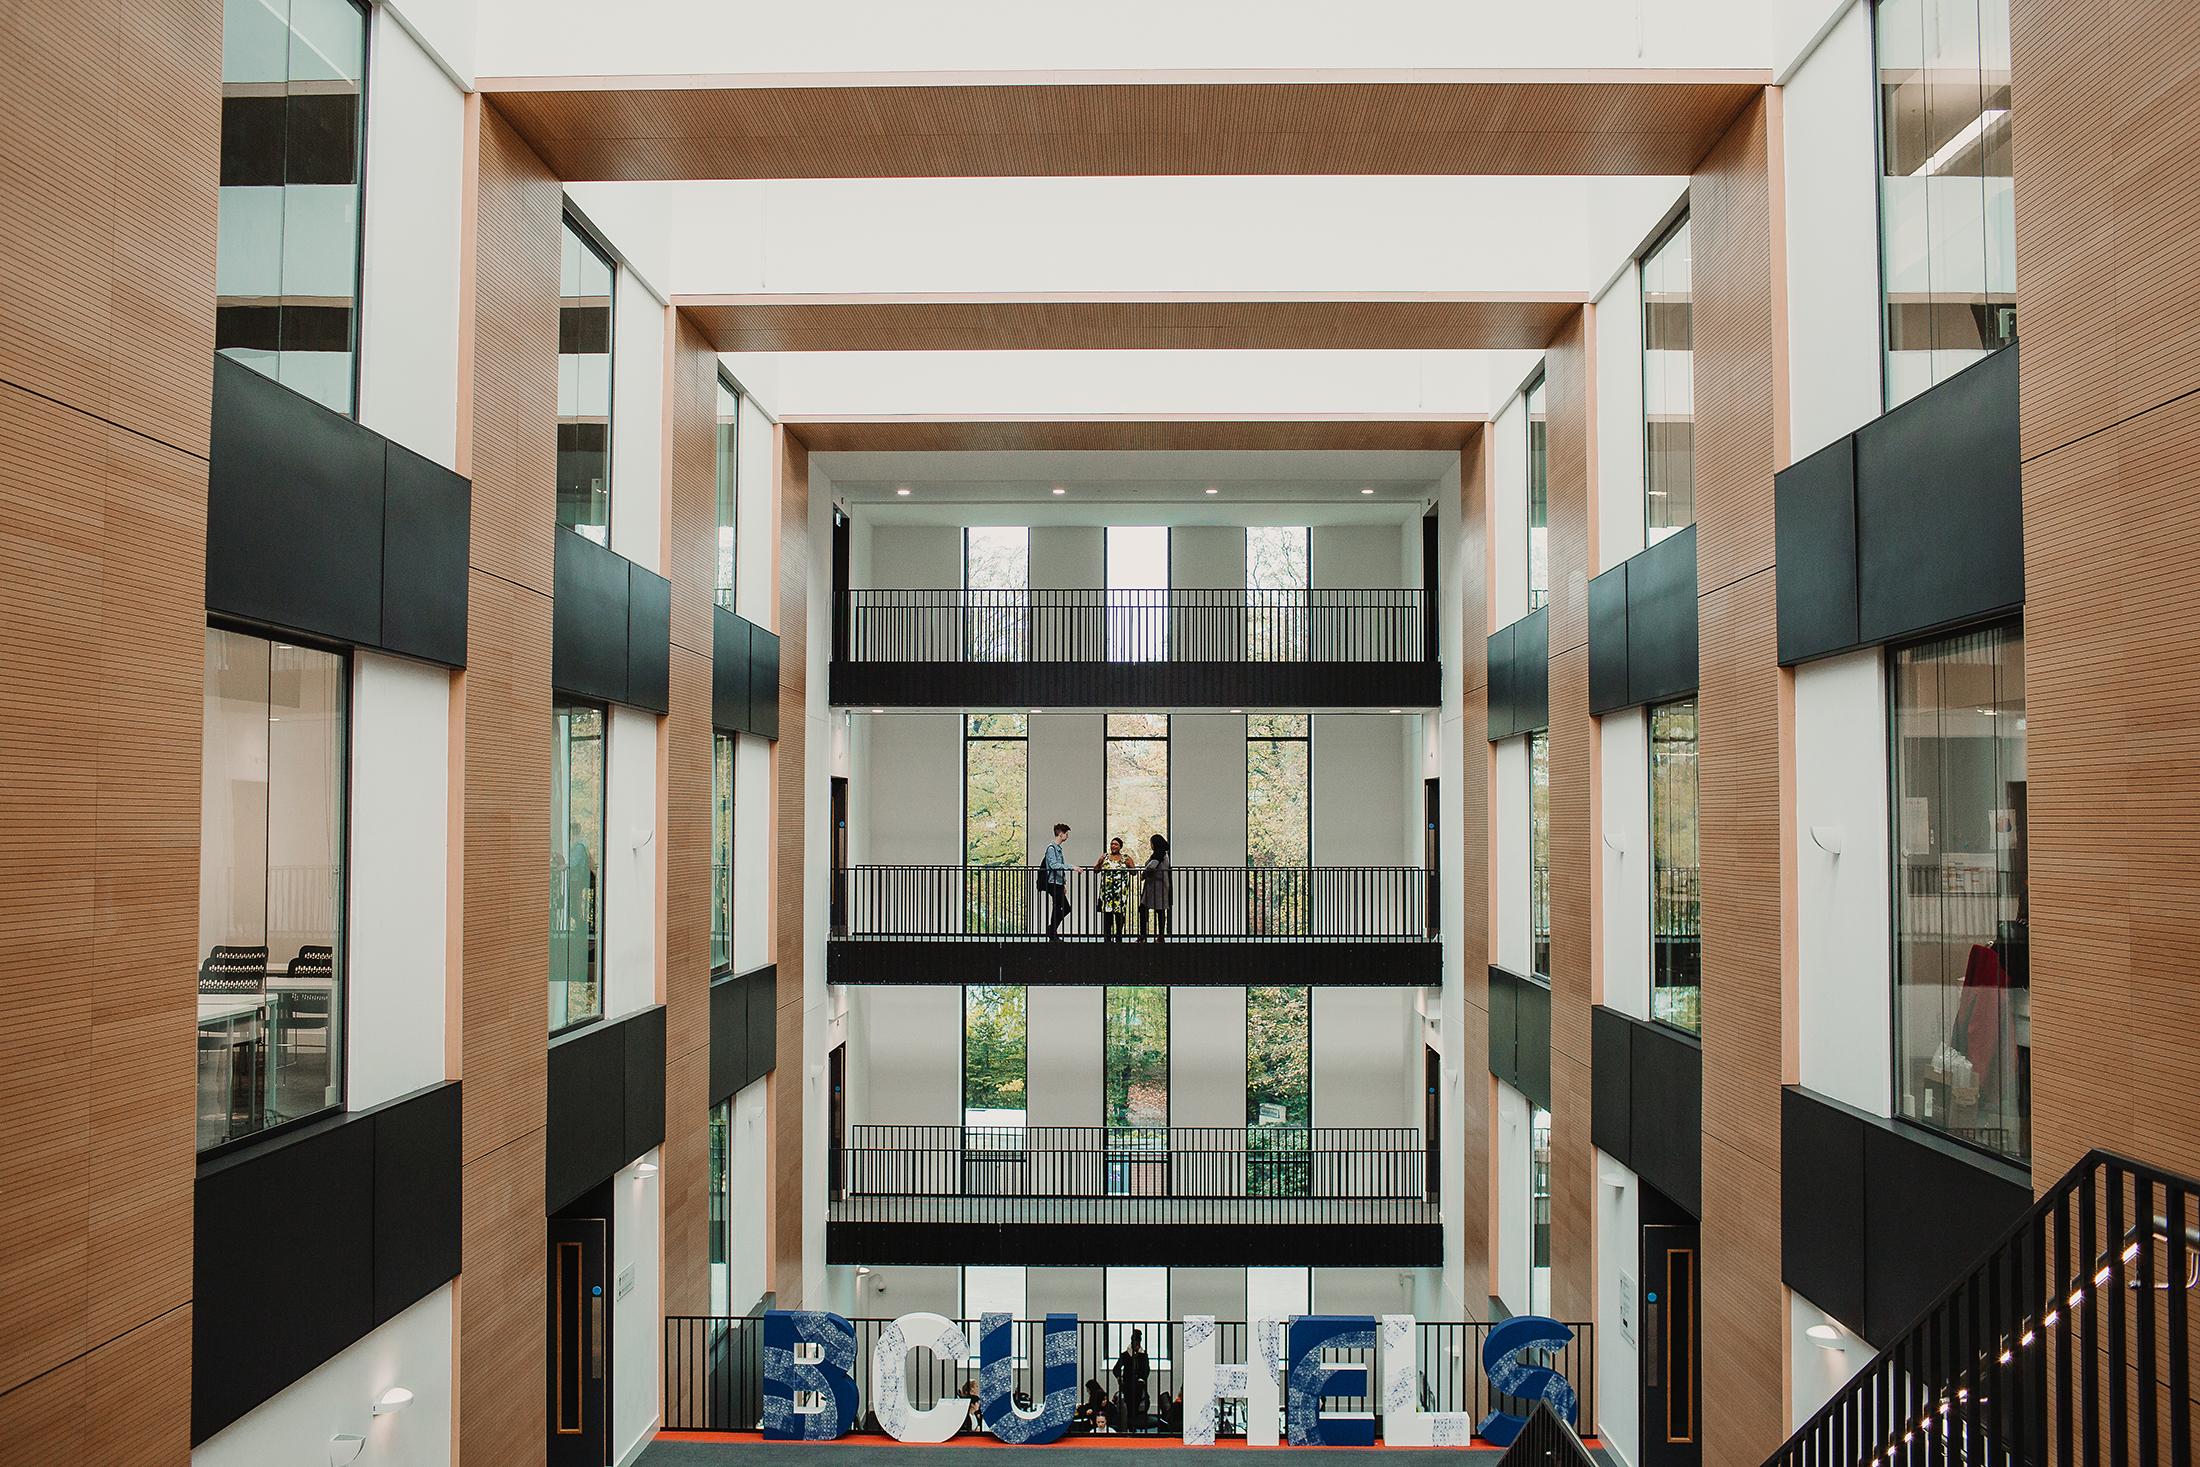 Seacole building - atrium